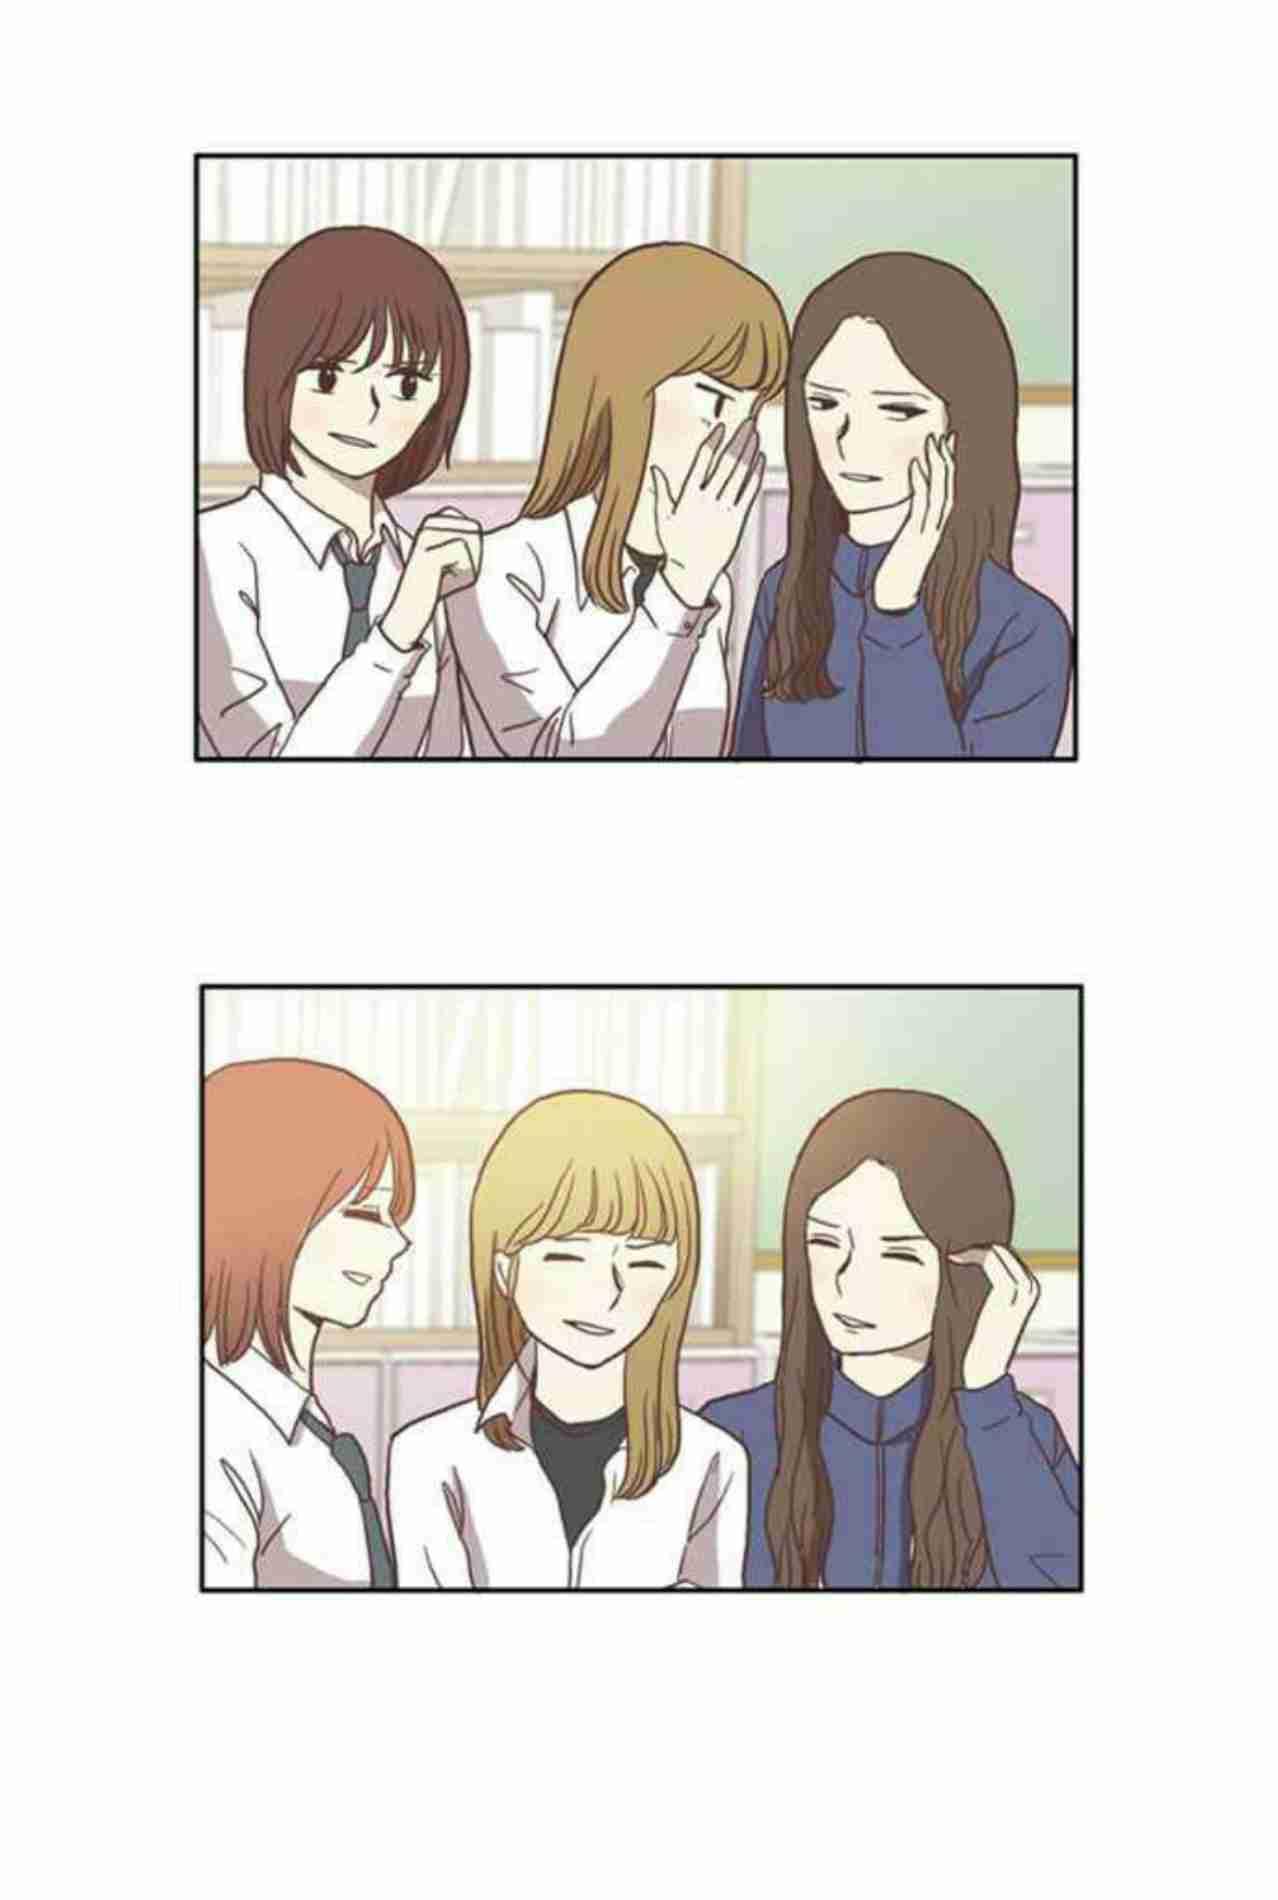 女子のグループが怖い。